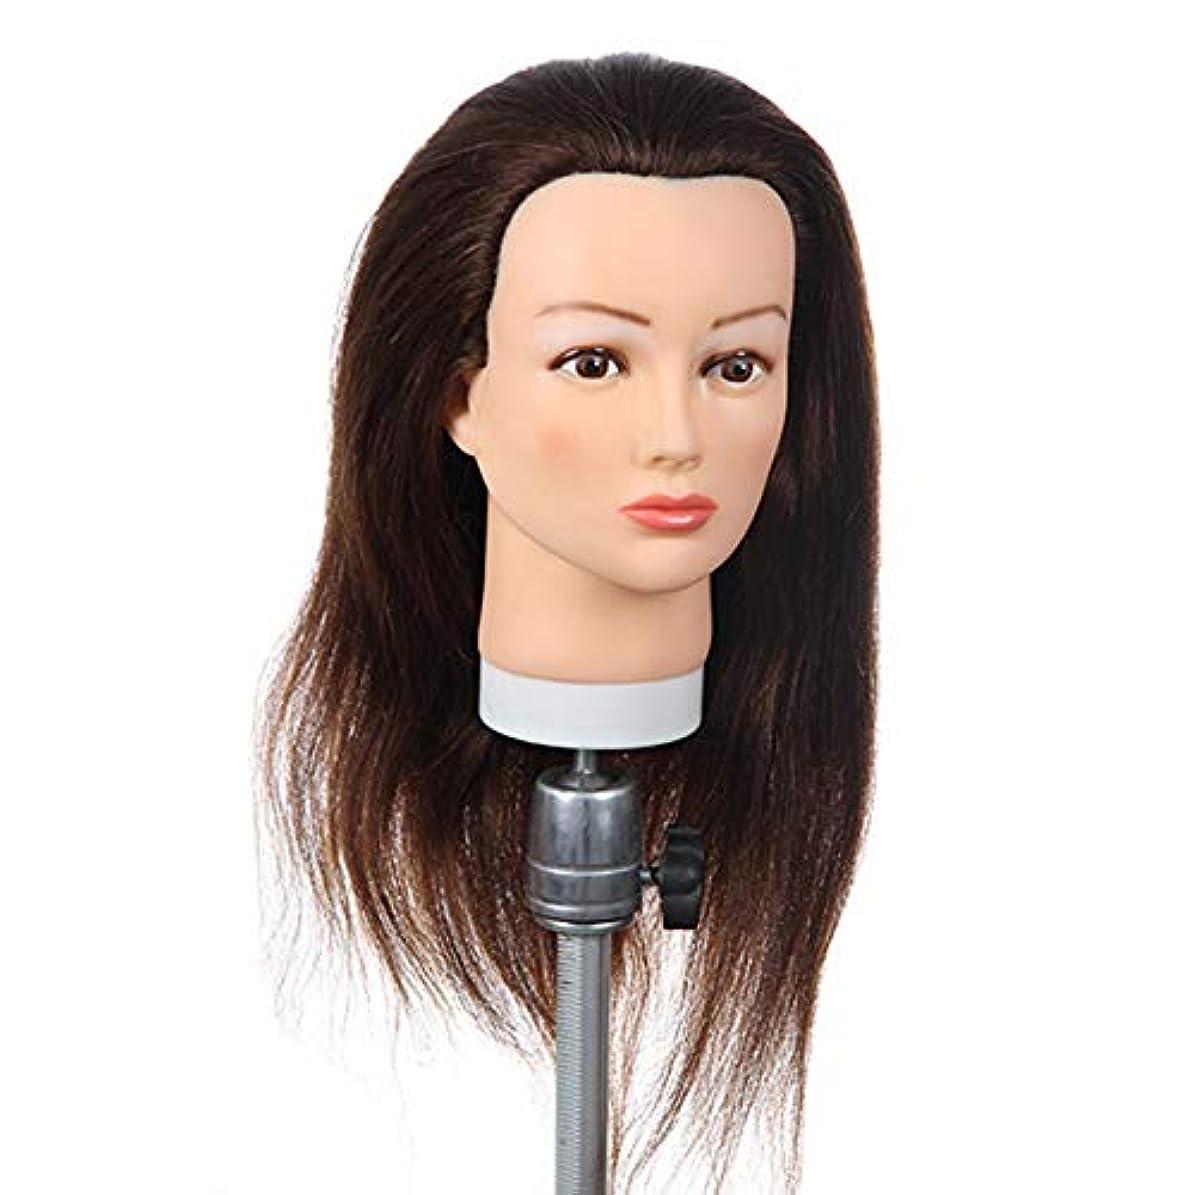 工業用偽軽理髪店理髪練習ヘッドパーマ髪染め髪ダミーヘッド花嫁メイクスタイリング編組マネキンヘッド